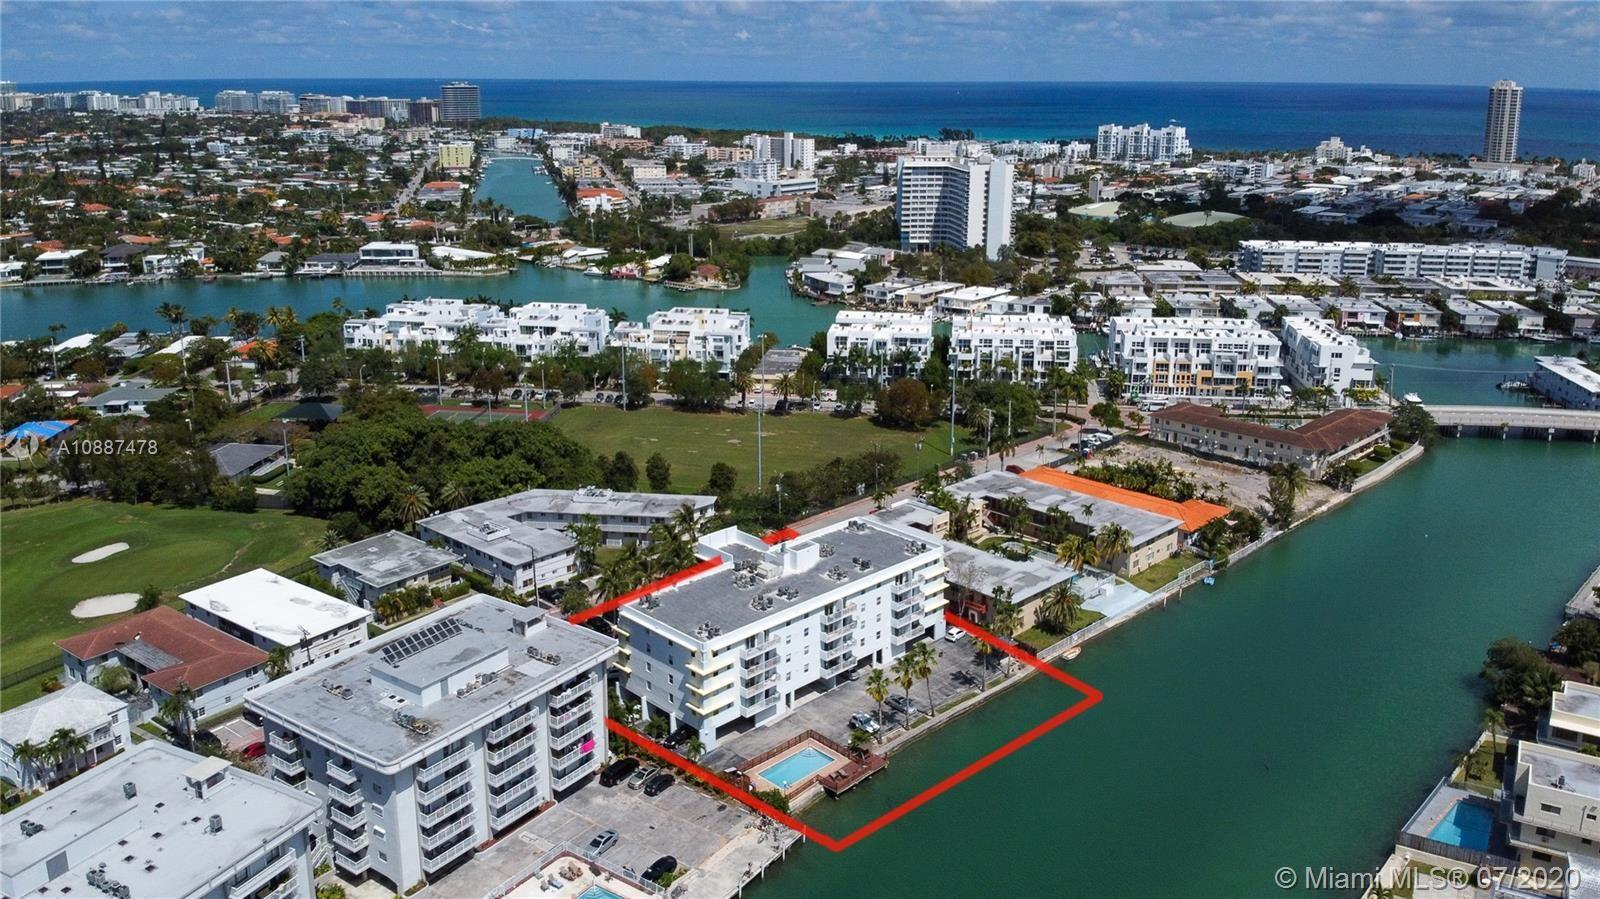 80 S Shore Dr #502, Miami Beach, FL 33141 - MLS#: A10887478